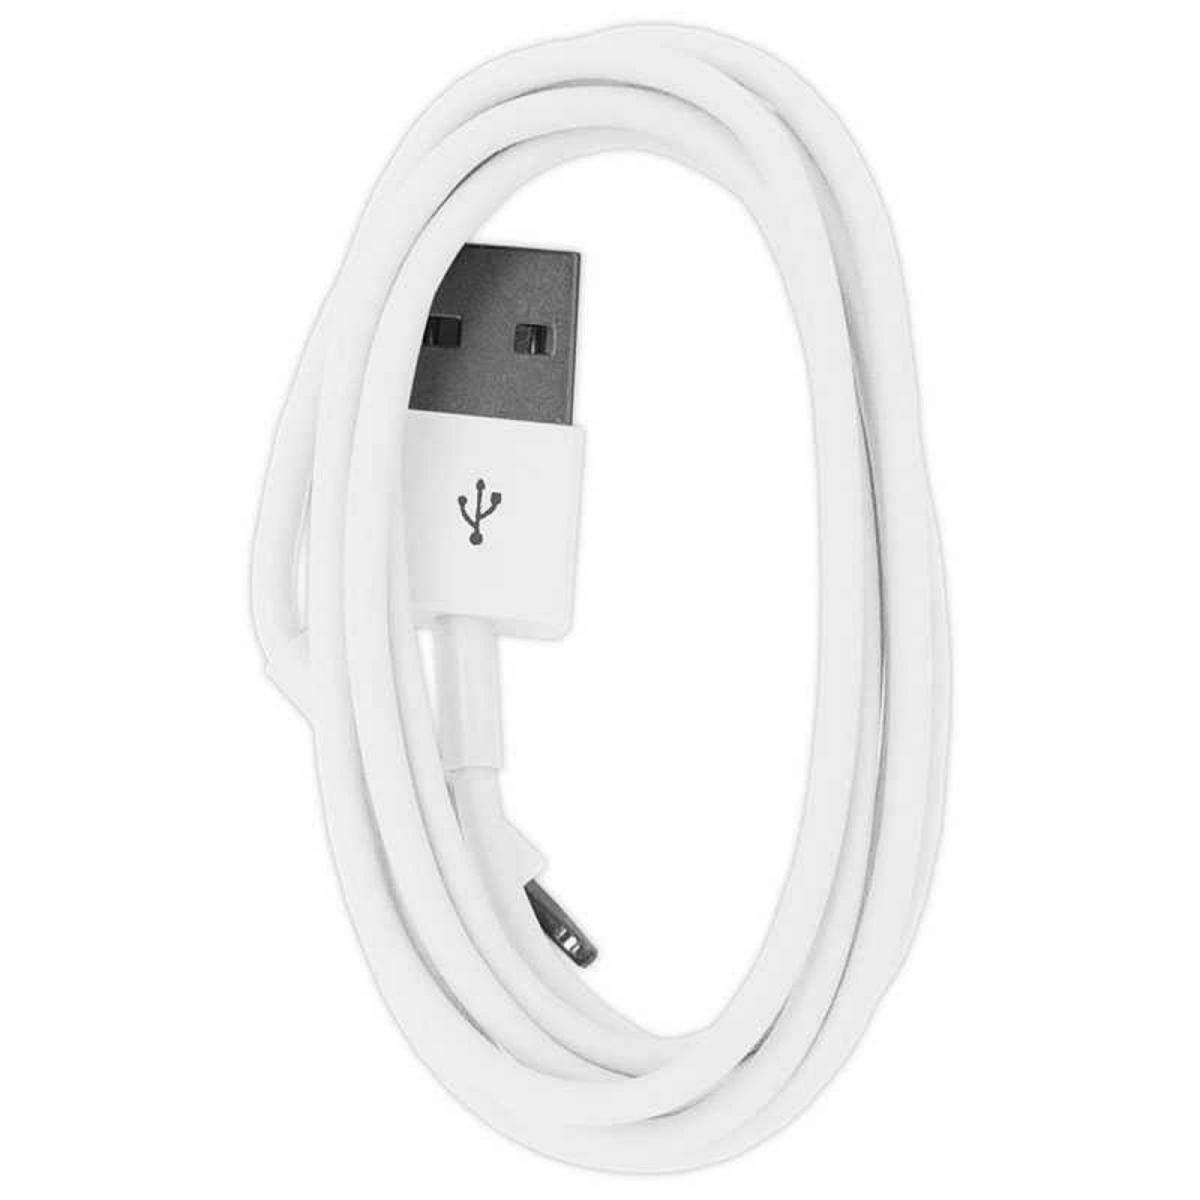 e60949f4f5e Cable cargador USB lightning 8 pin COMPATIBLE con Apple Iphone para carga  datos